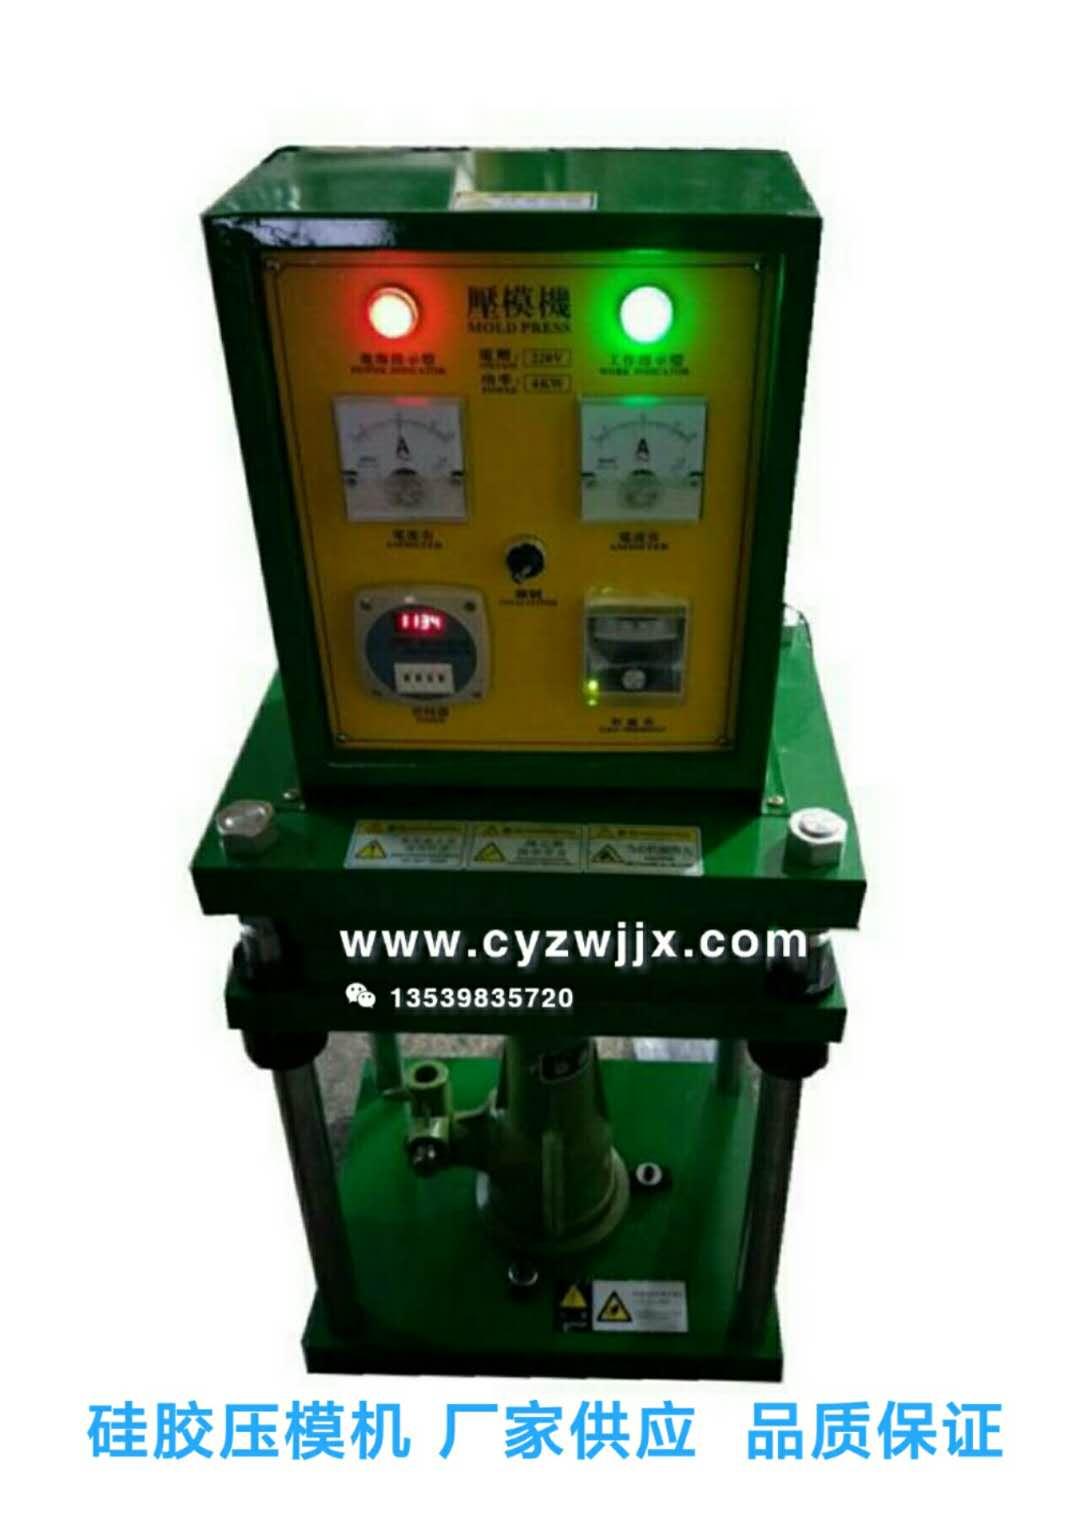 低熔点易熔合金配件加工机械 东莞低熔点易熔合金配件加工机械厂家直销报价  低熔点易熔合金配件加工机械供应商